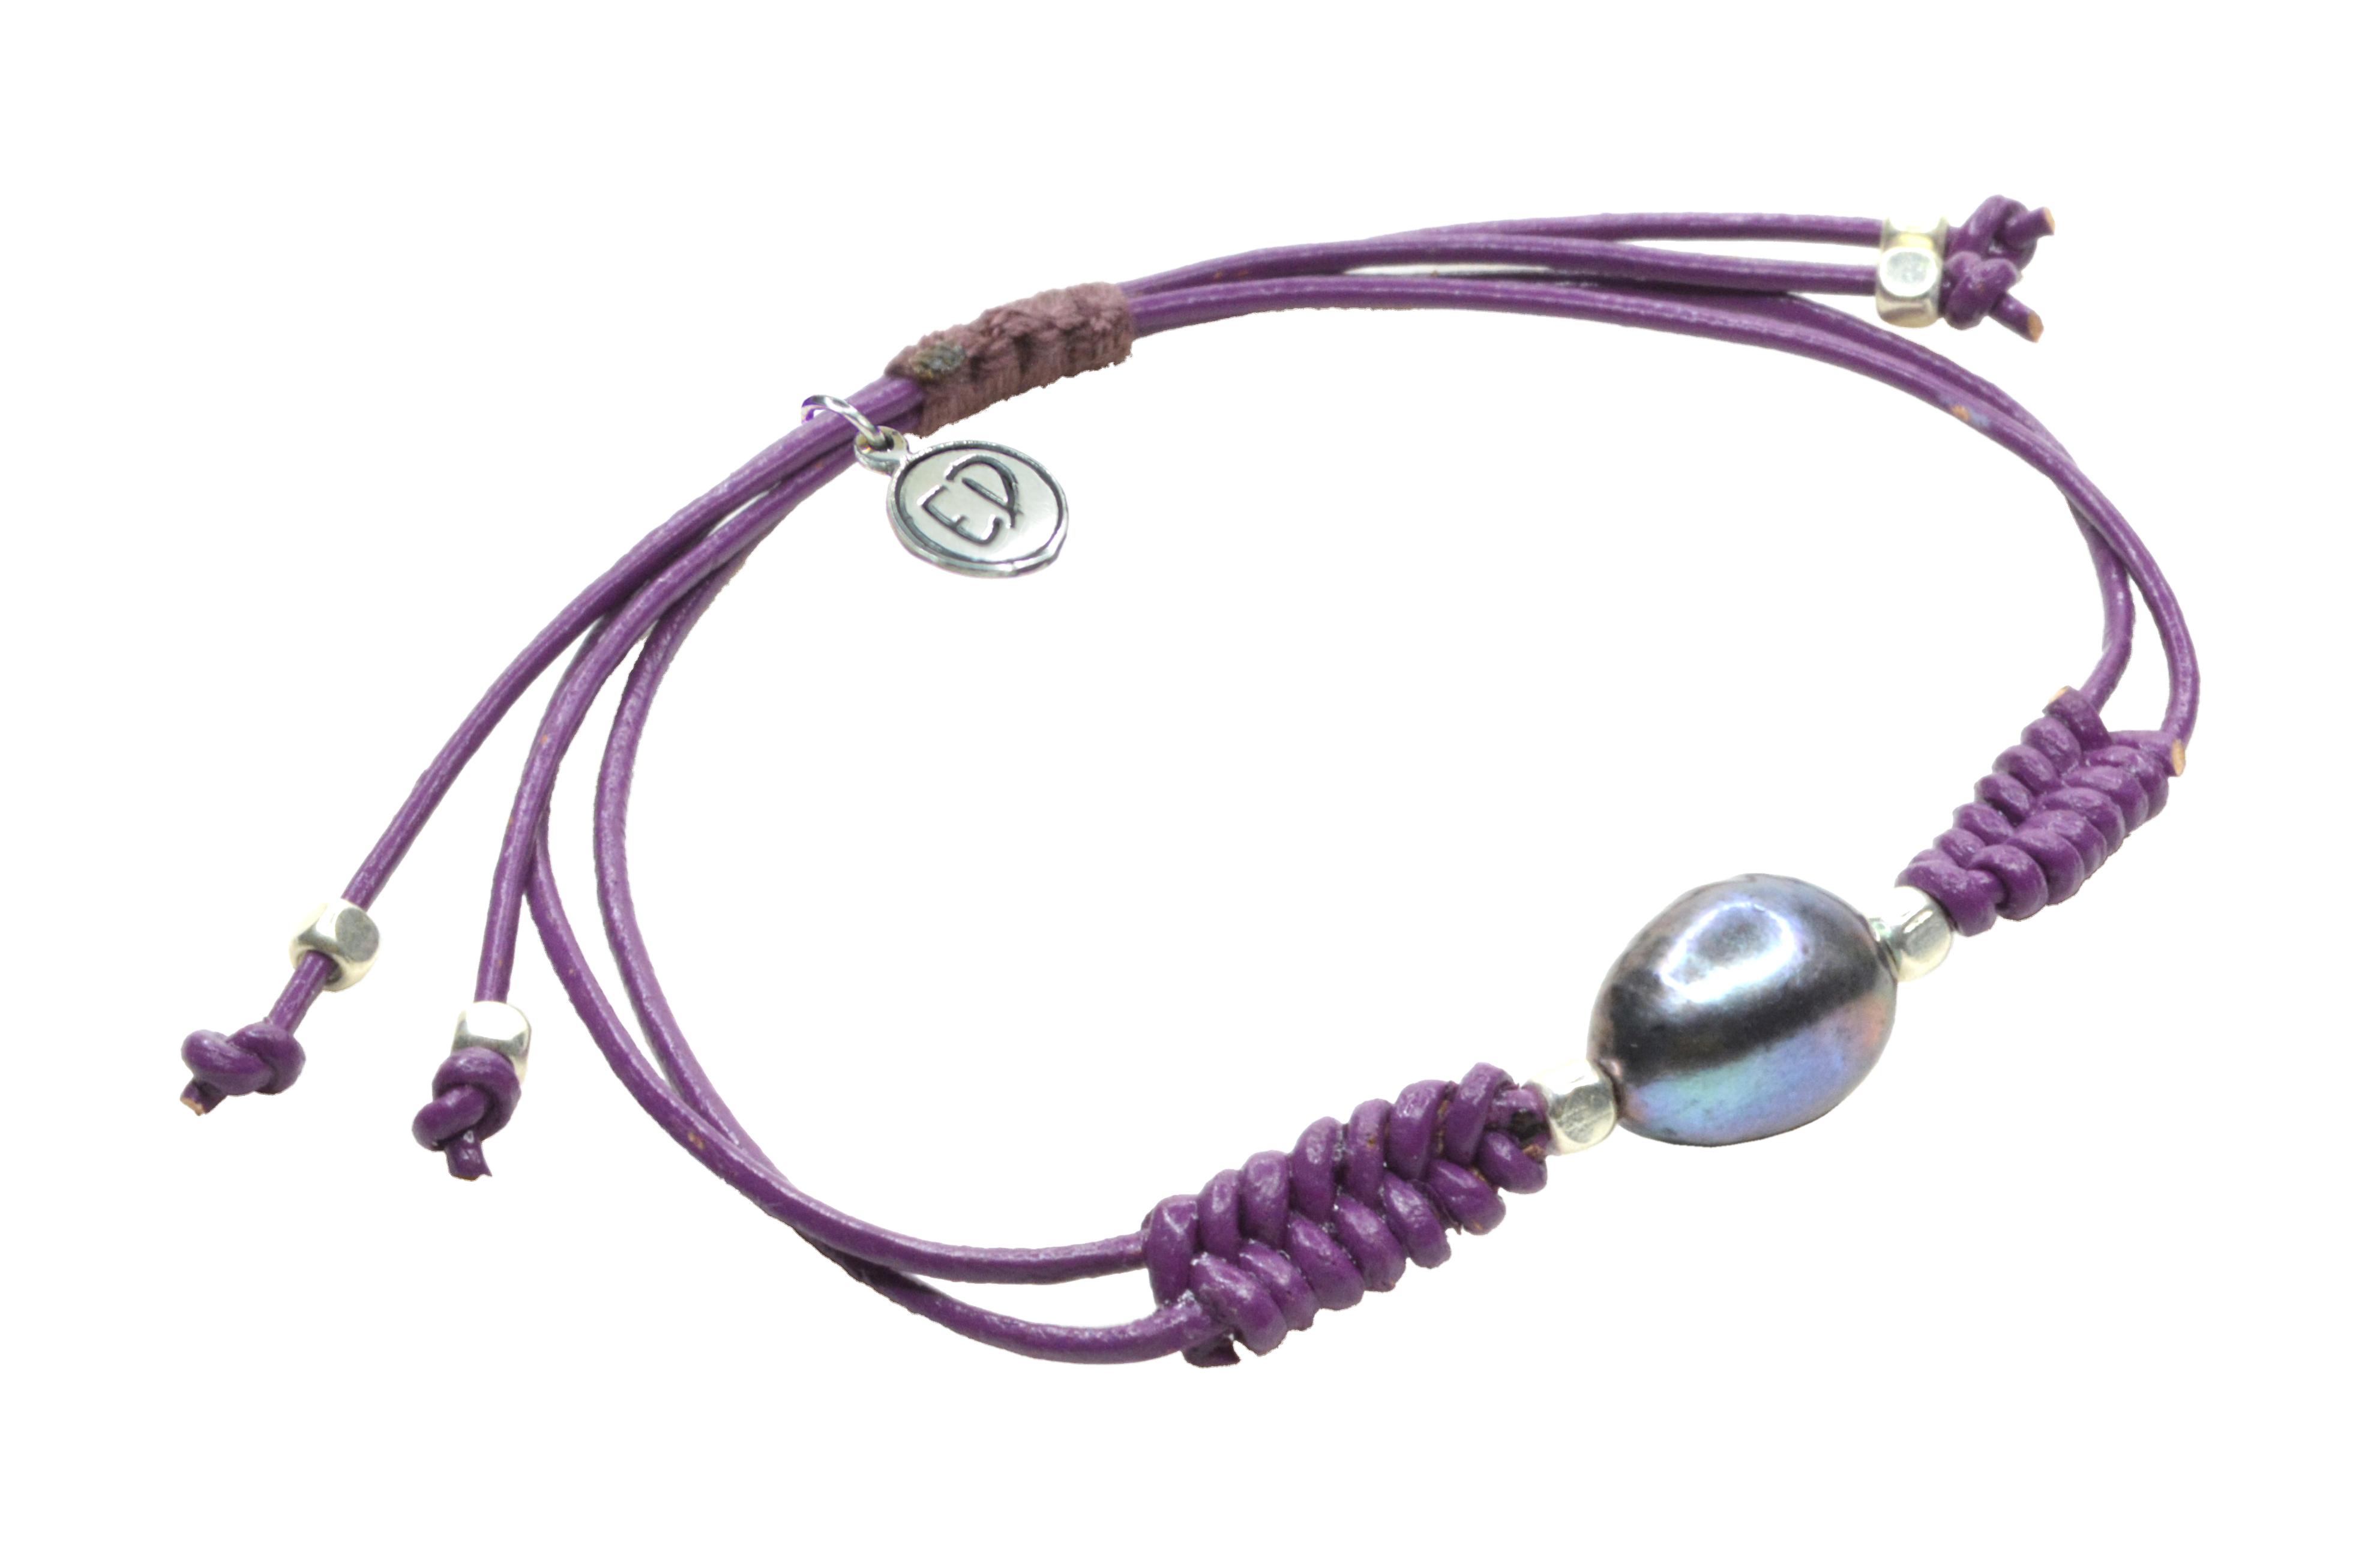 Dámsky kožený náramok s perlou  - fialový